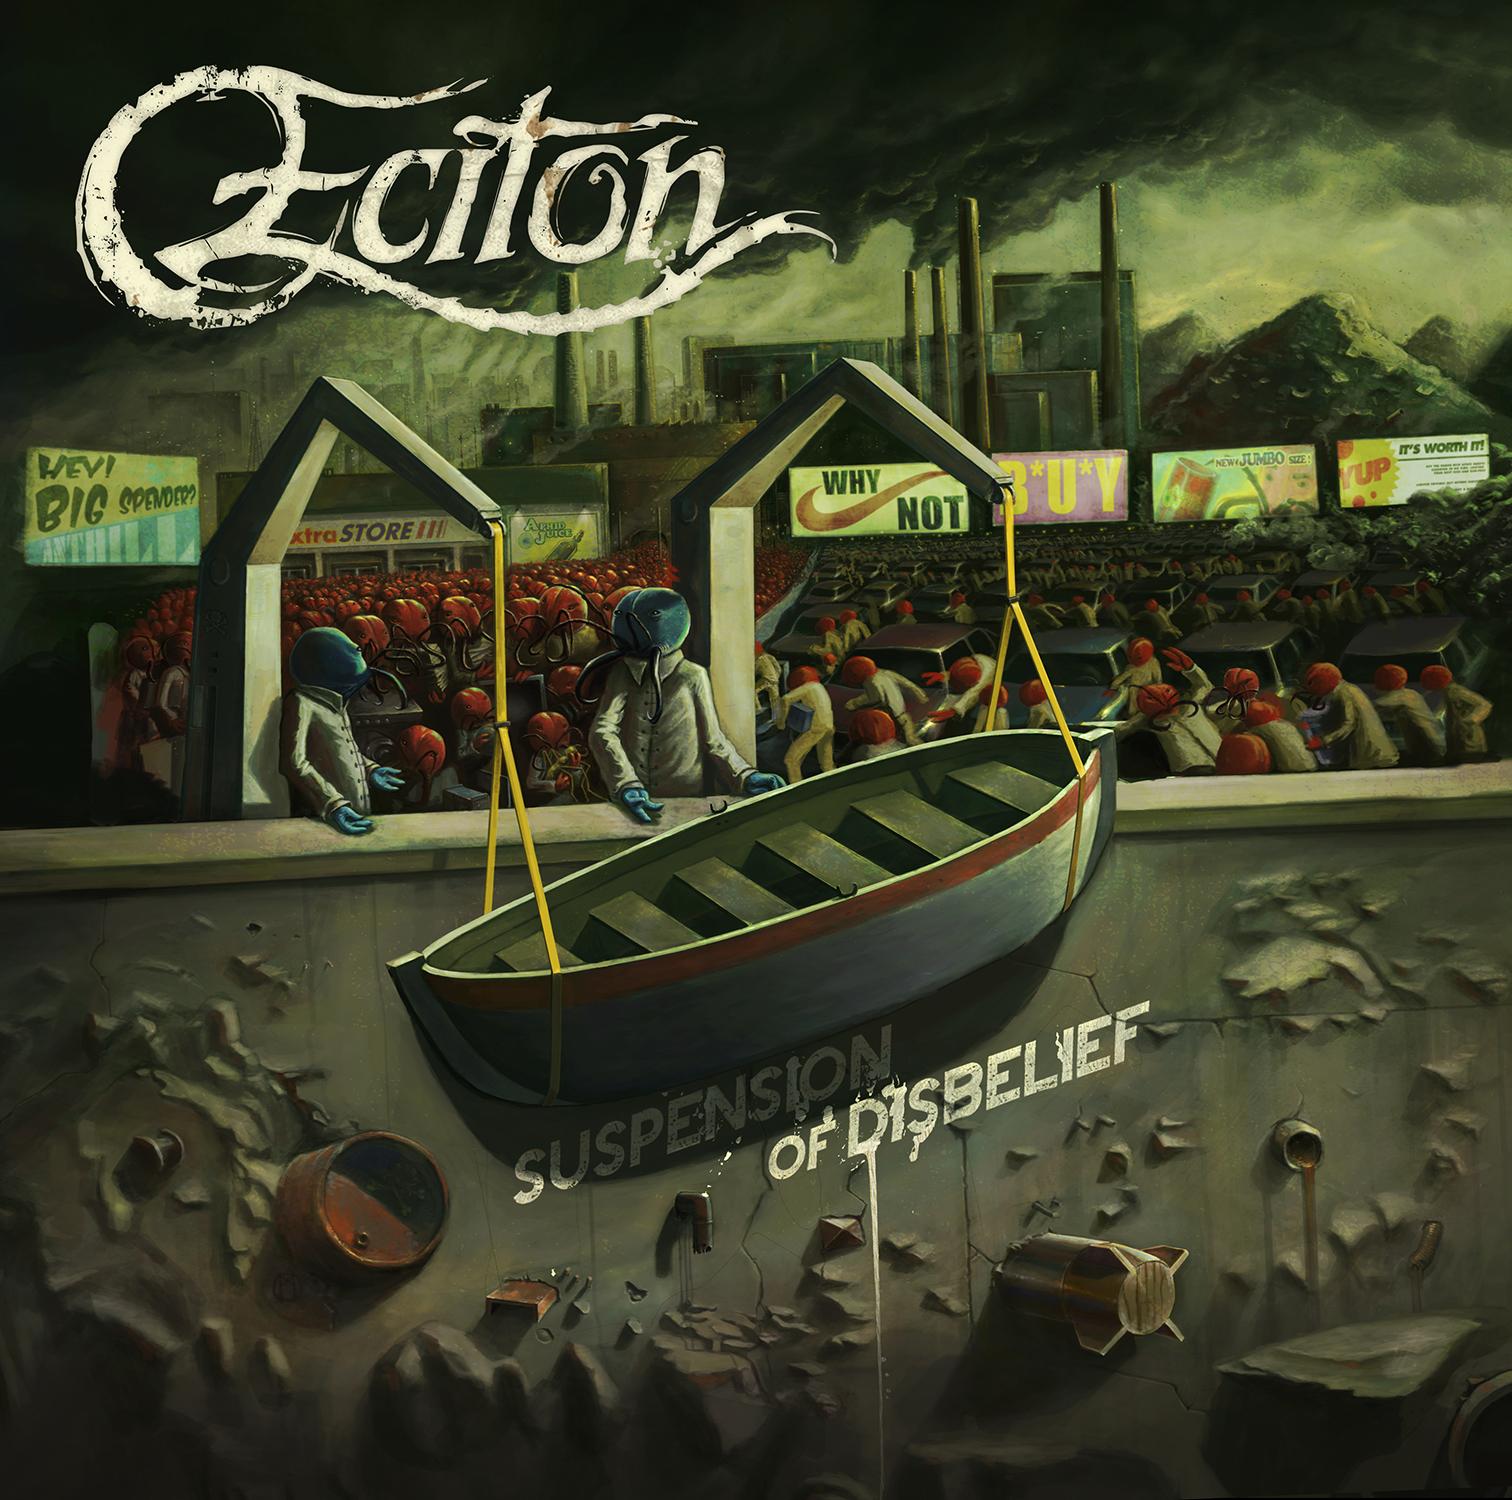 Eciton - Suspension of Disbelief